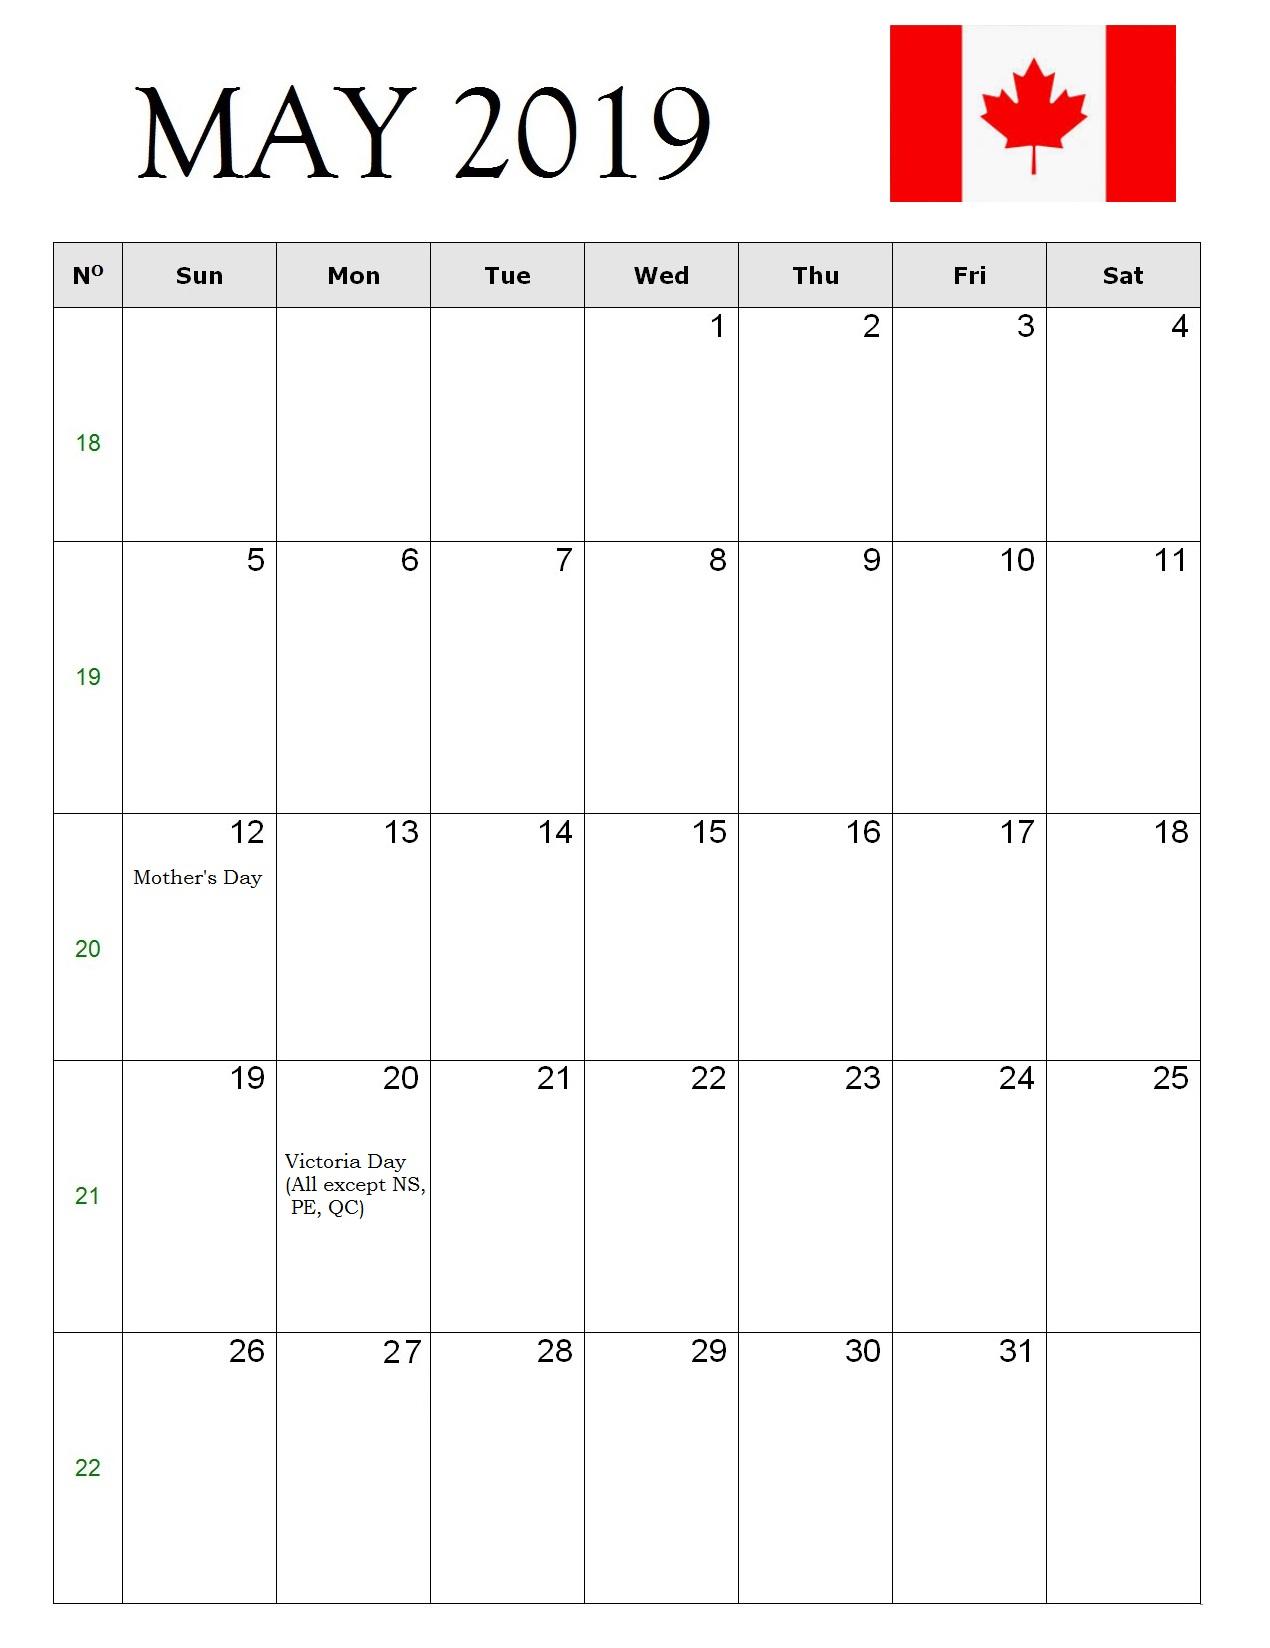 May 2019 Canada Holiday Calendar